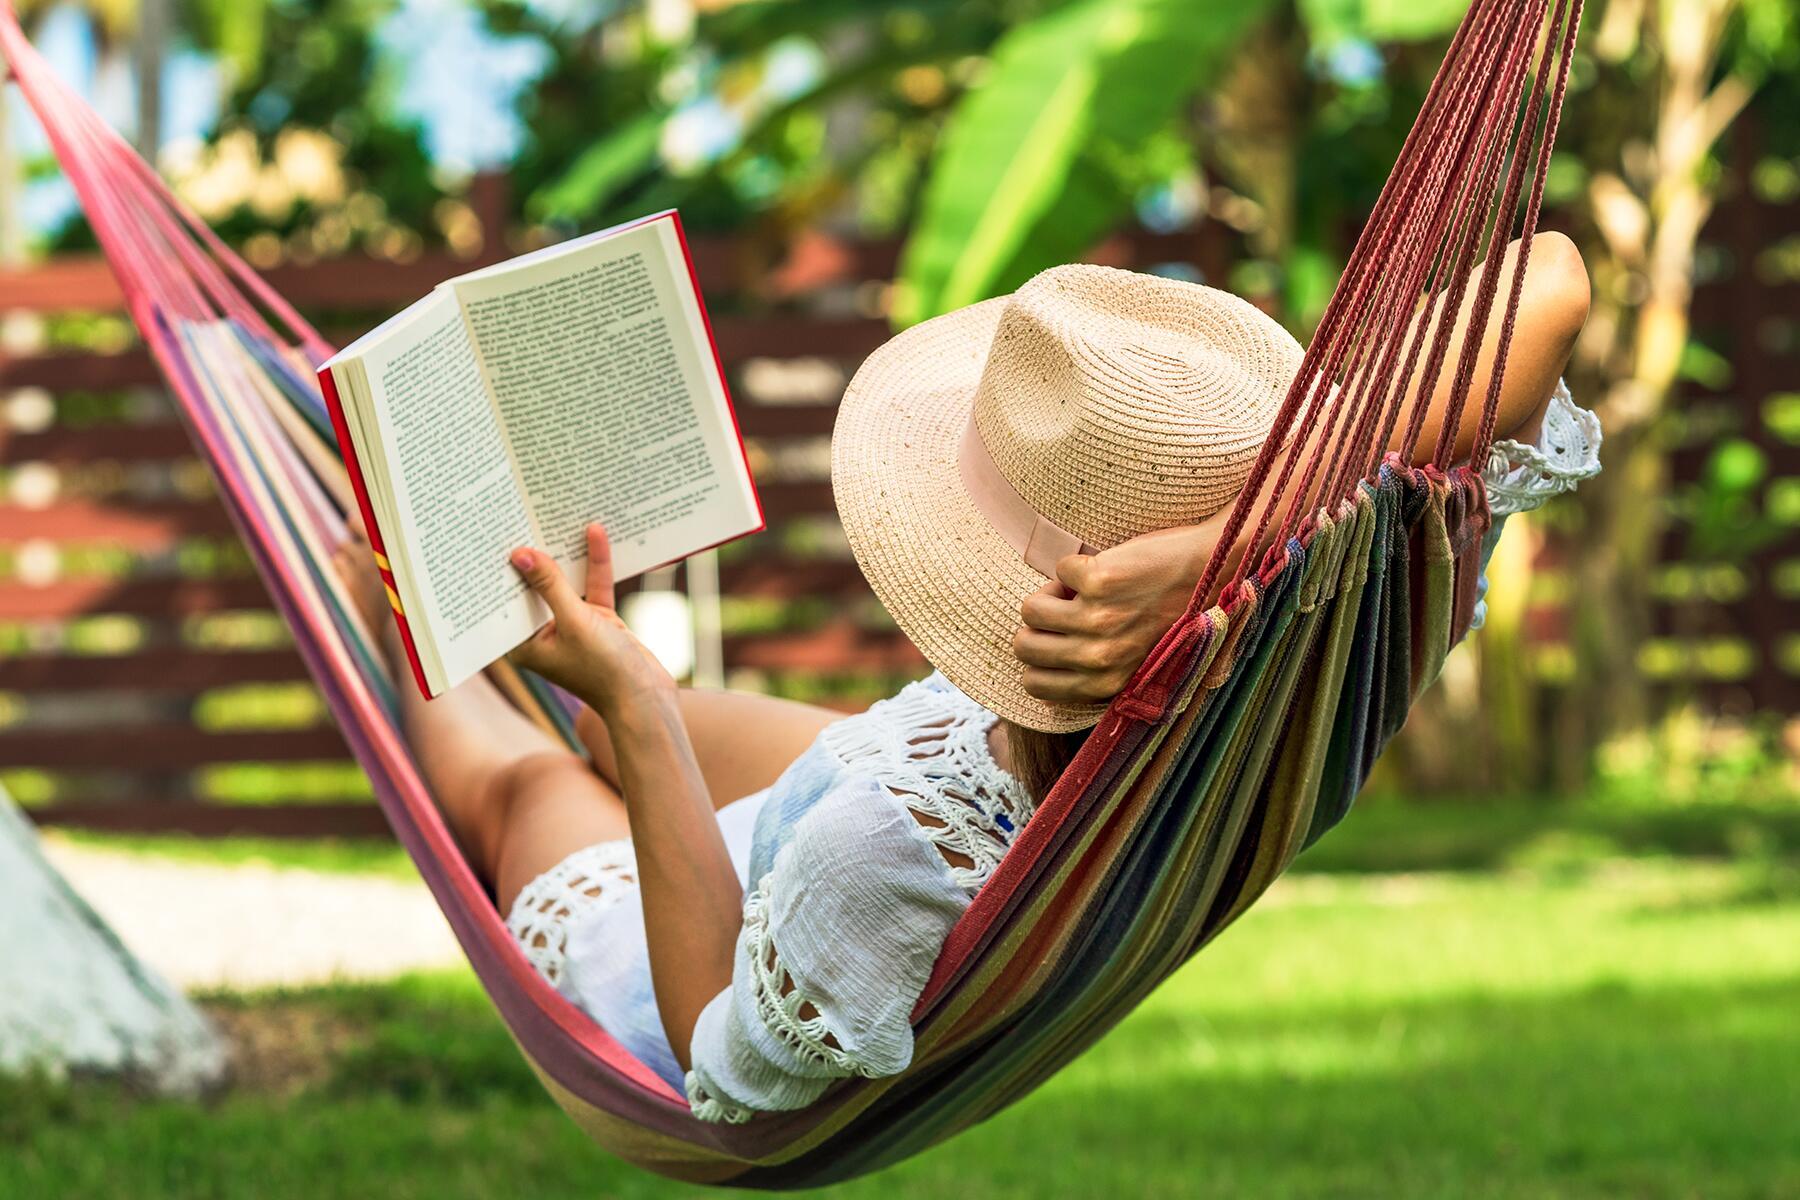 10 Books for Quarantine Summer Reading